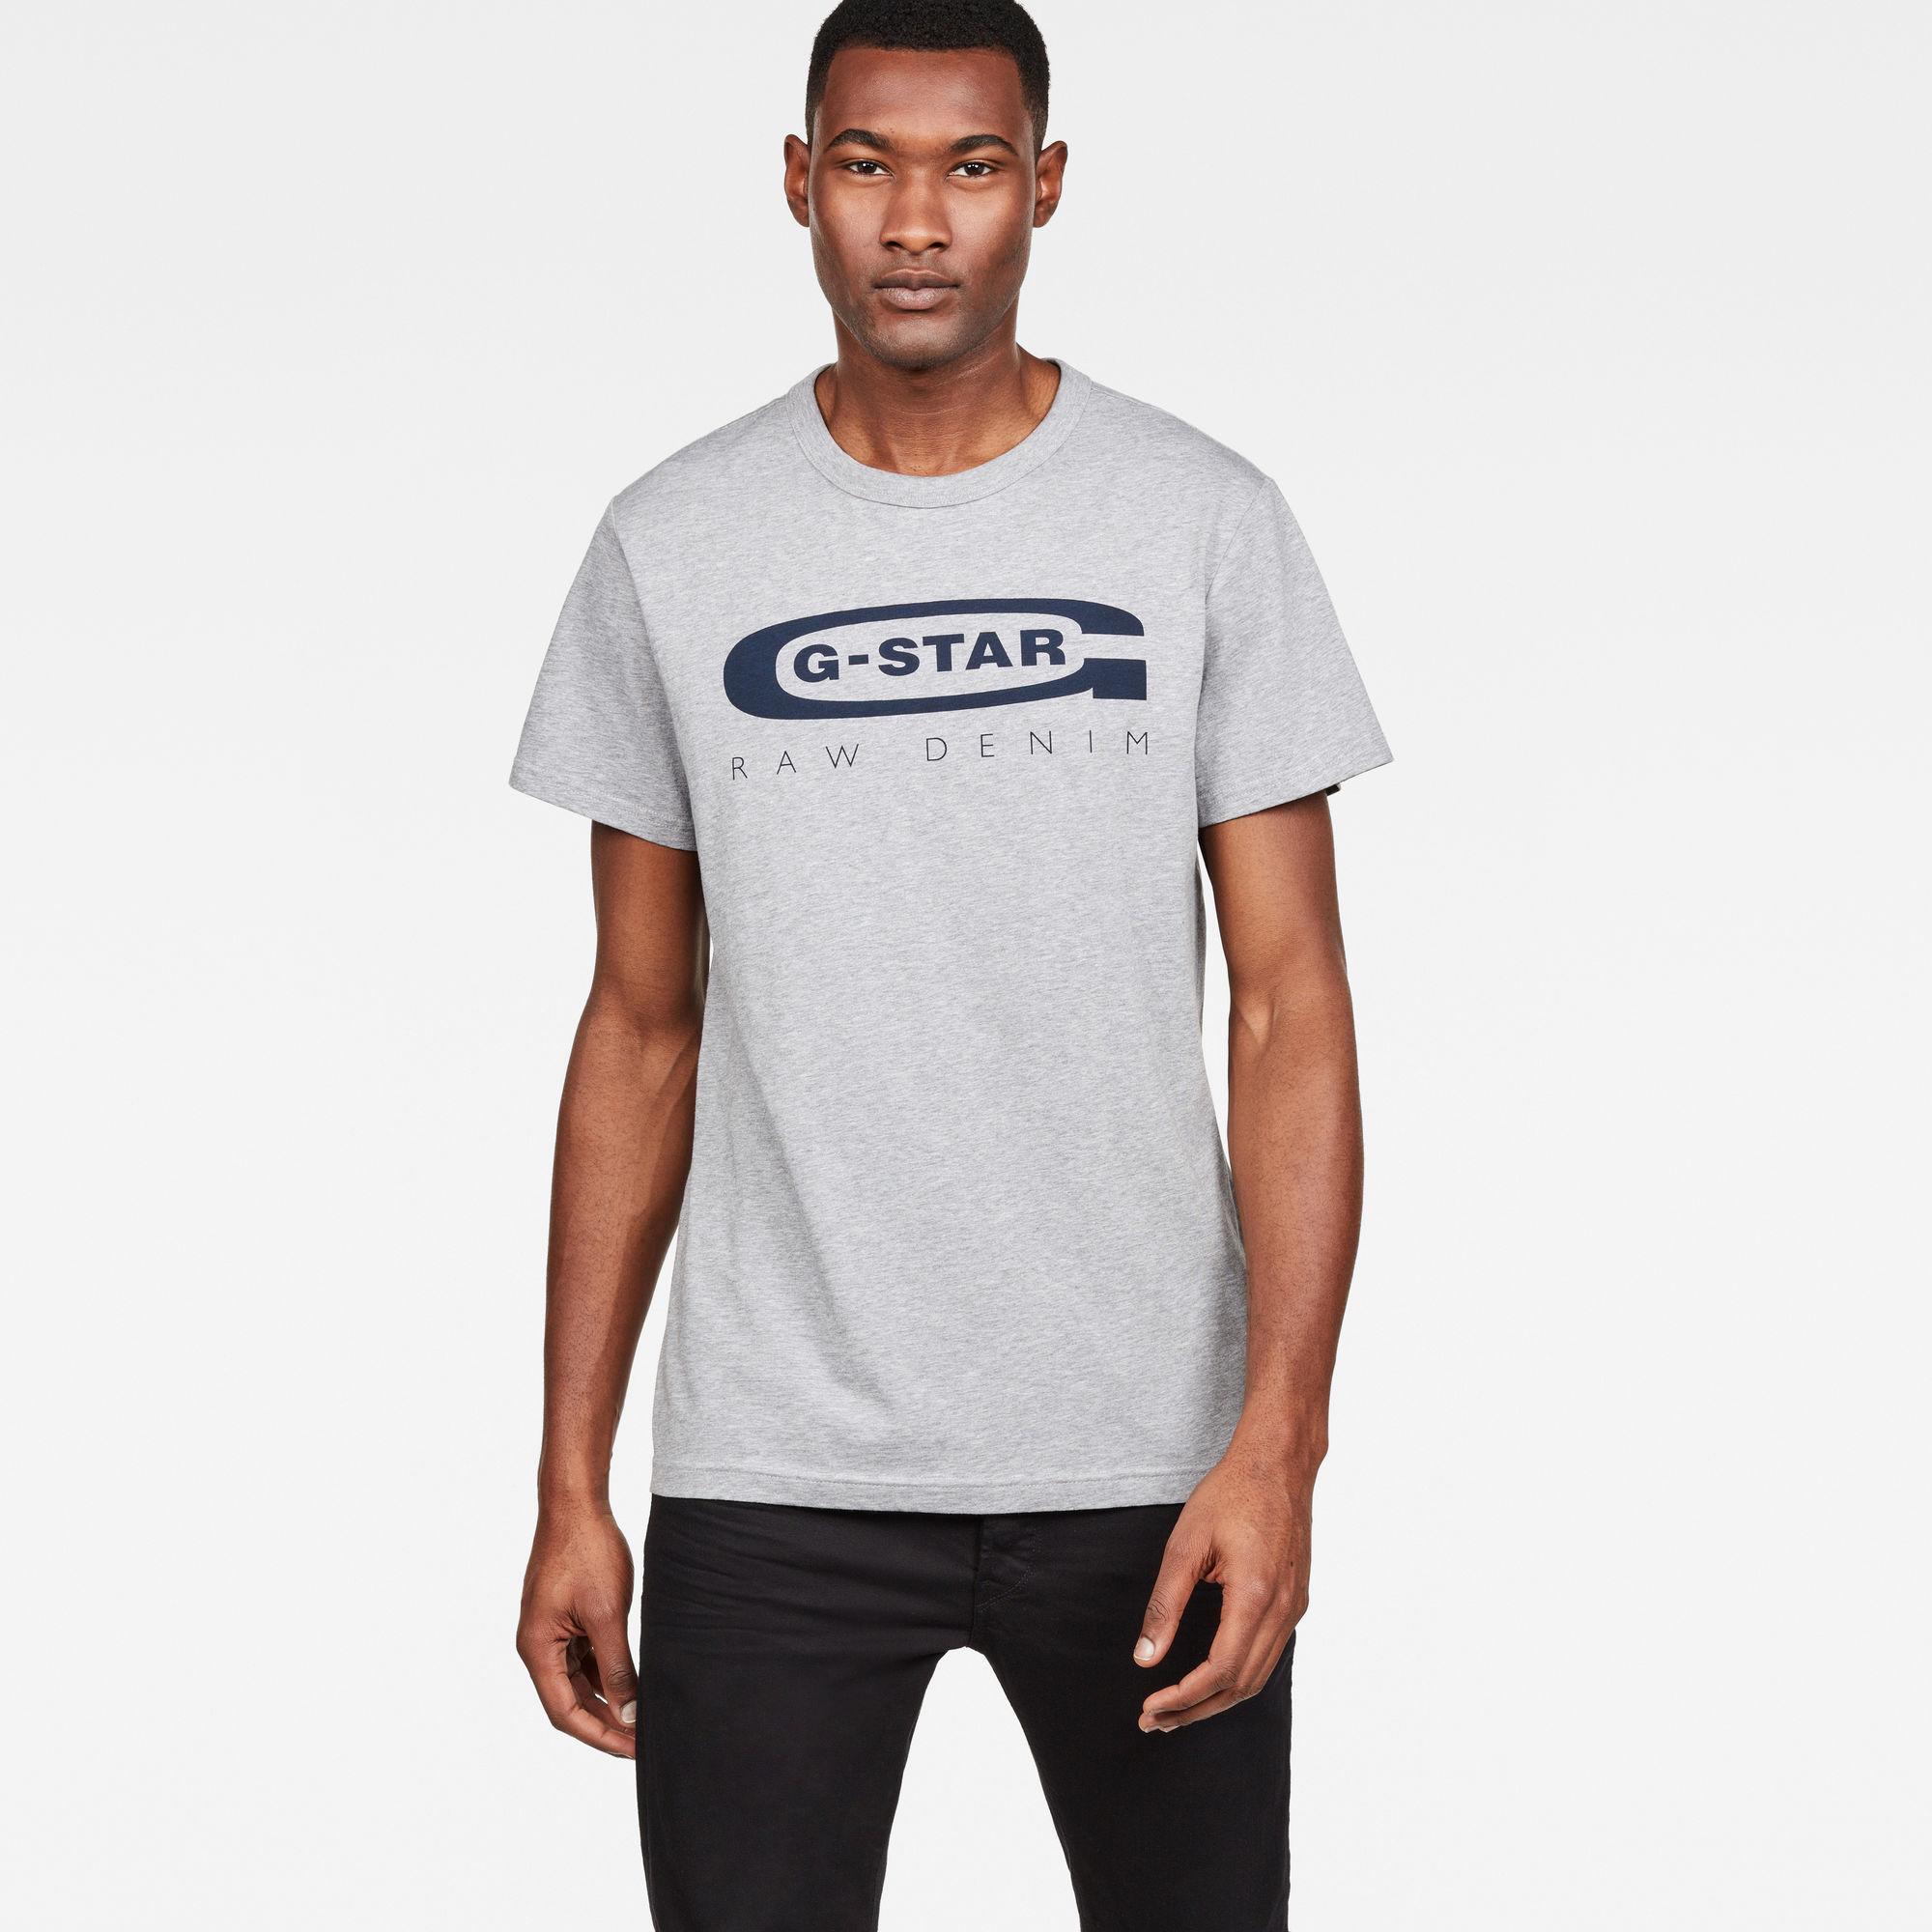 Clar art t-shirt